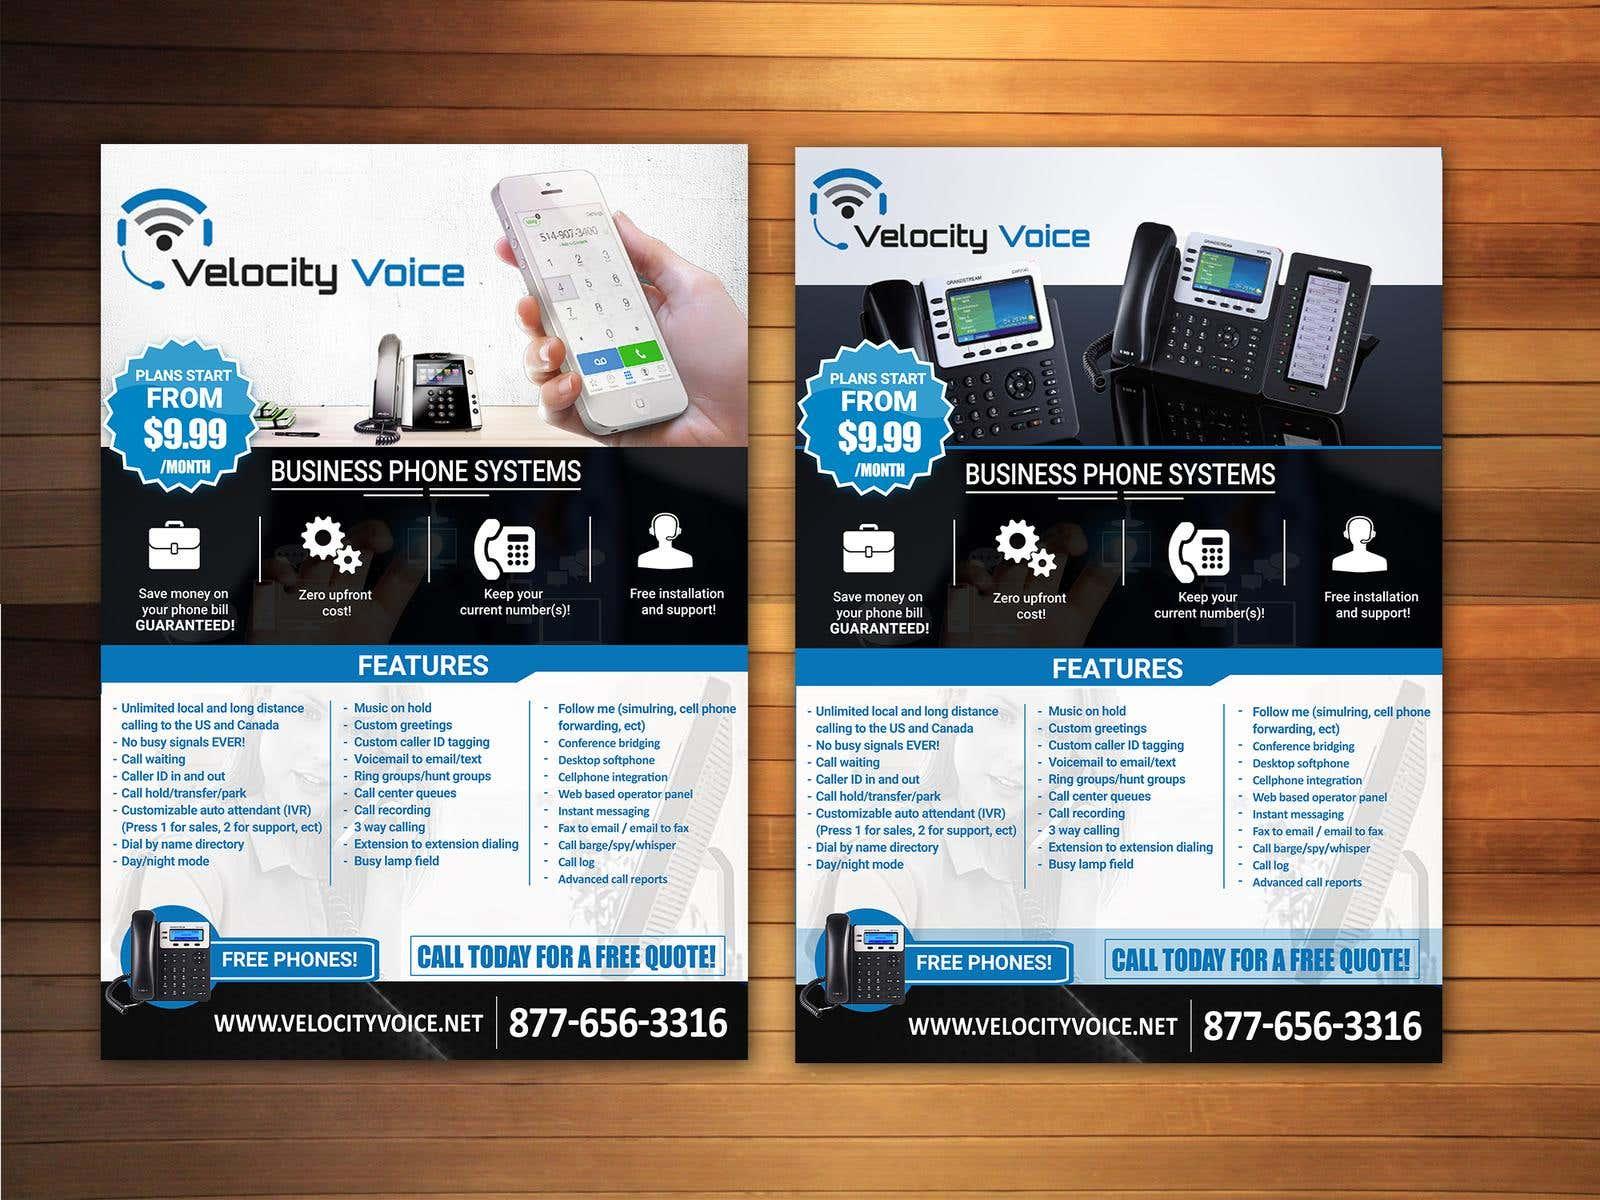 Design a digital flyer for business phone service provider design a digital flyer for business phone service provider velocity voice by vivid creative design m4hsunfo